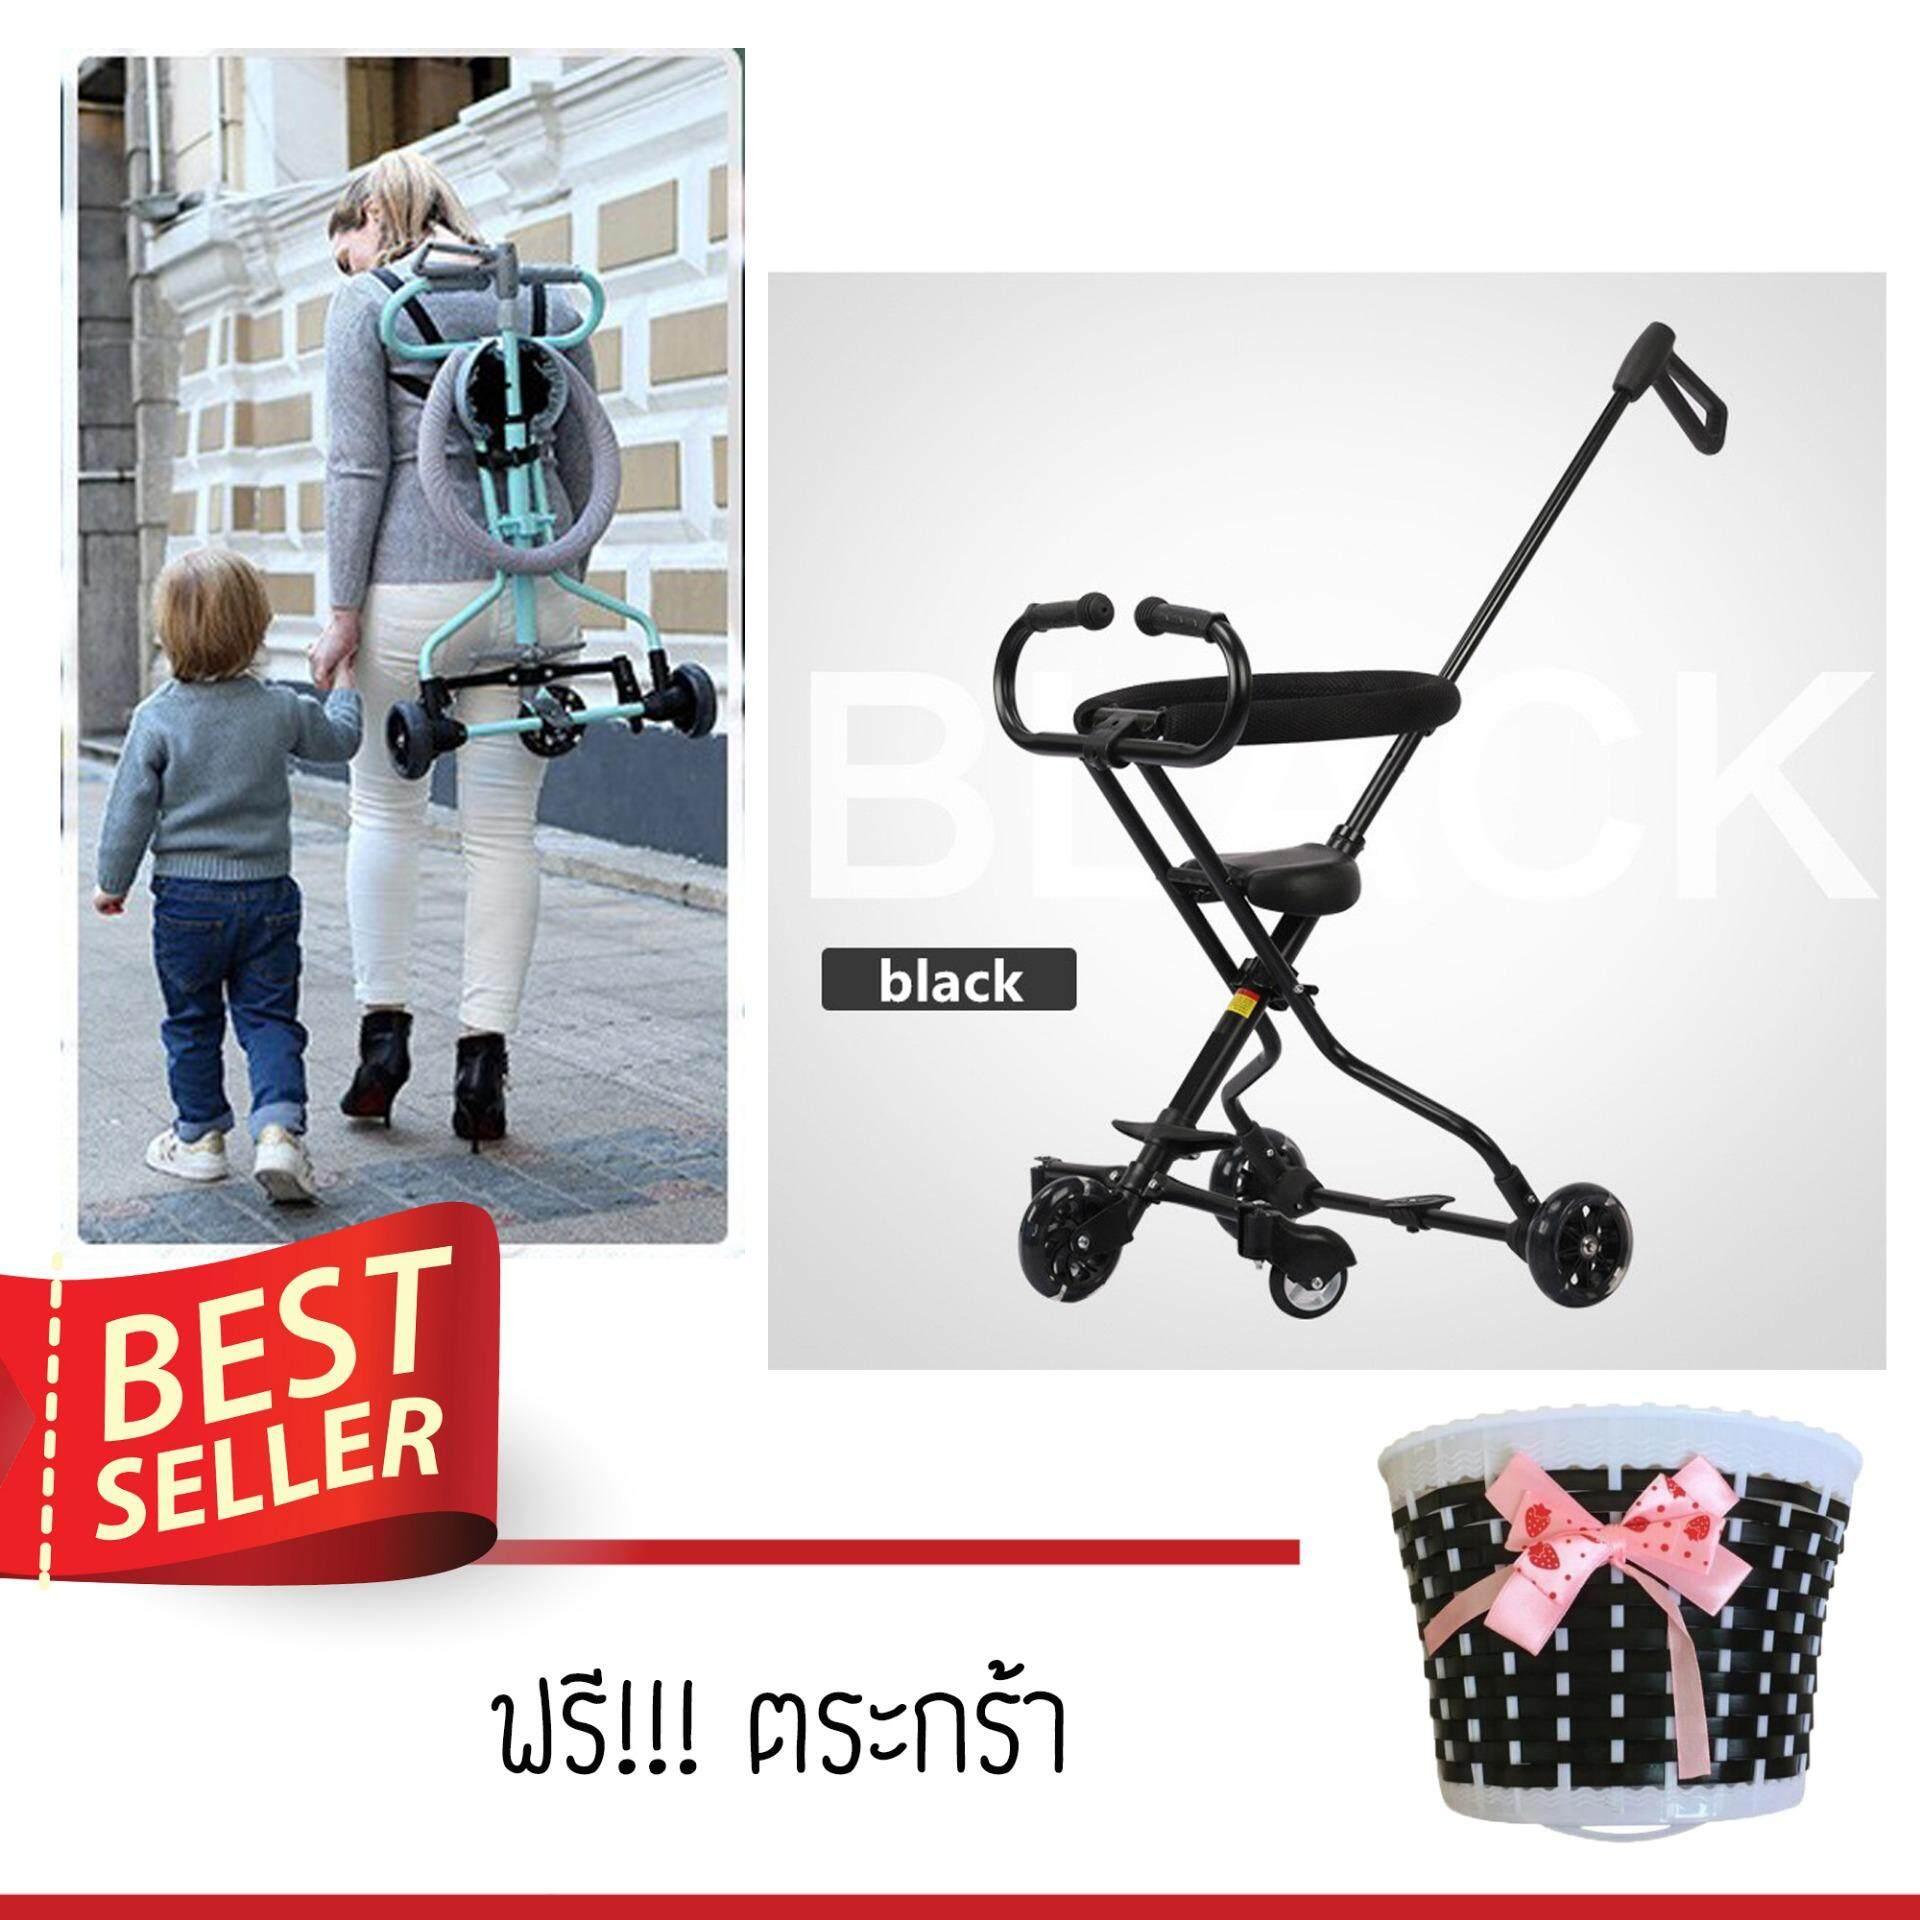 รีวิว พันทิป unbranded/generie อุปกรณ์เสริมรถเข็นเด็ก Bebenuvo กระเป๋าใส่ของใช้เด็ก กระเป๋าแขวนเสริมรถเข็นเด็ก กระเป๋าจัดระเบียบ กับรถเข็น กระเป๋าแขวนรถเข็น ขนาดกระทัดรัด  สีแดง มีรับประกัน